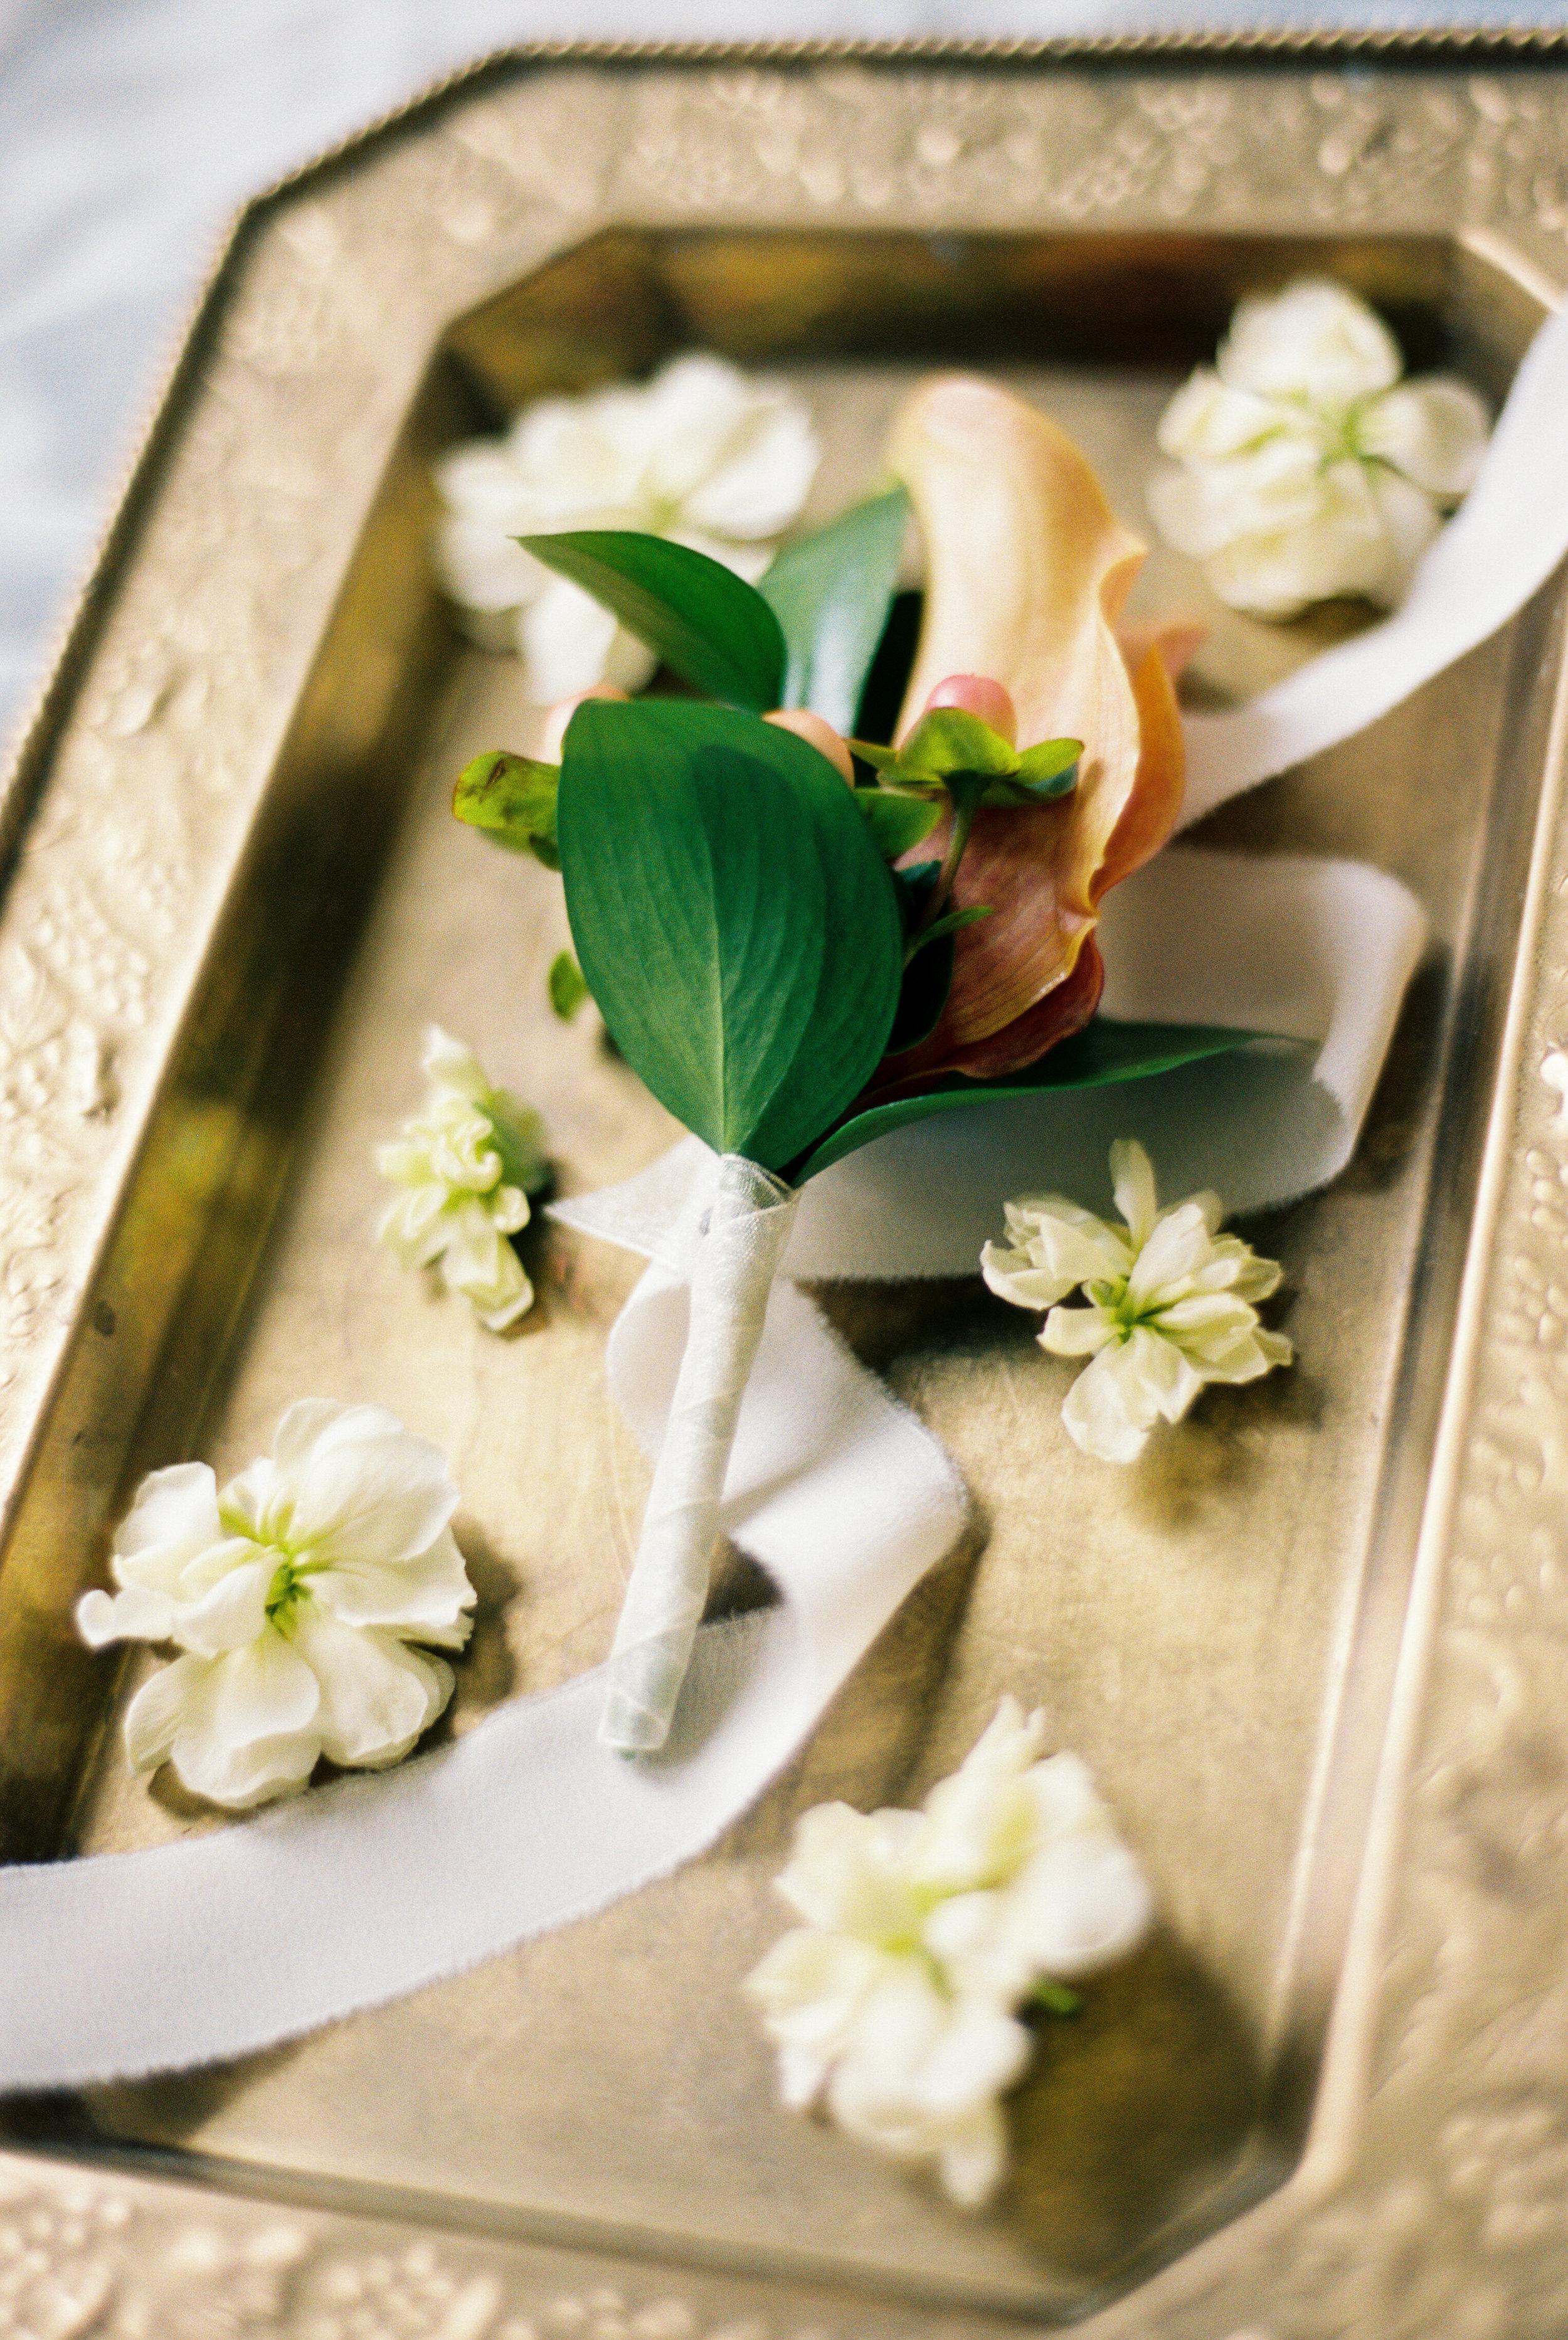 Ninth Street Flowers - Larry Wood,OwnerWEBSITE | FACEBOOK | INSTAGRAMlarry@ninthstreetflowers.com919-286-5640